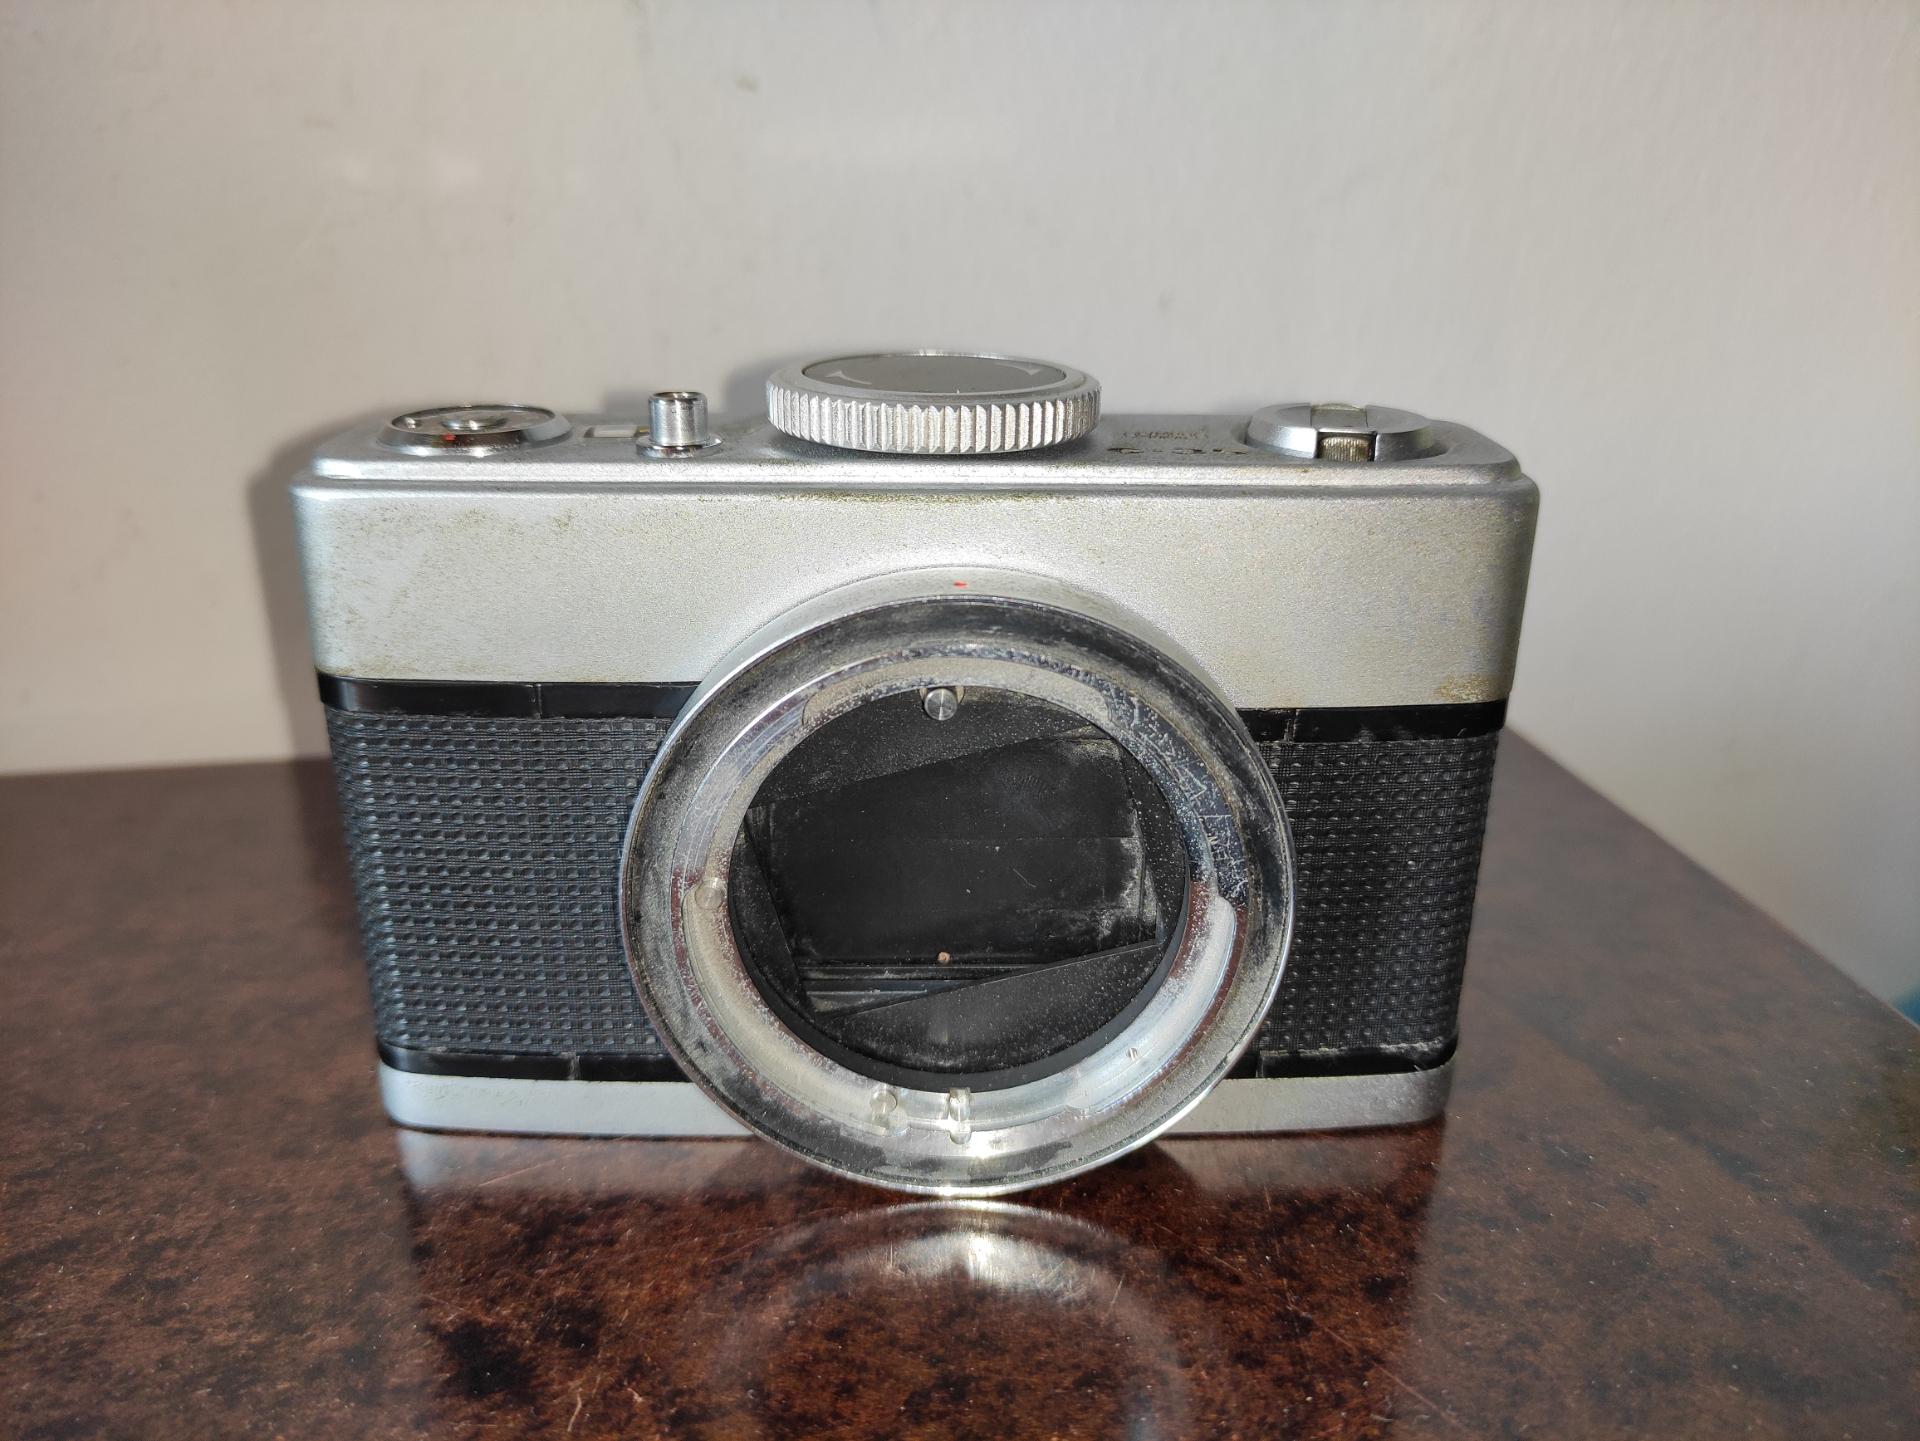 奥林巴斯C35机械相机 奥林巴斯C35工业相机机身,奥林巴斯